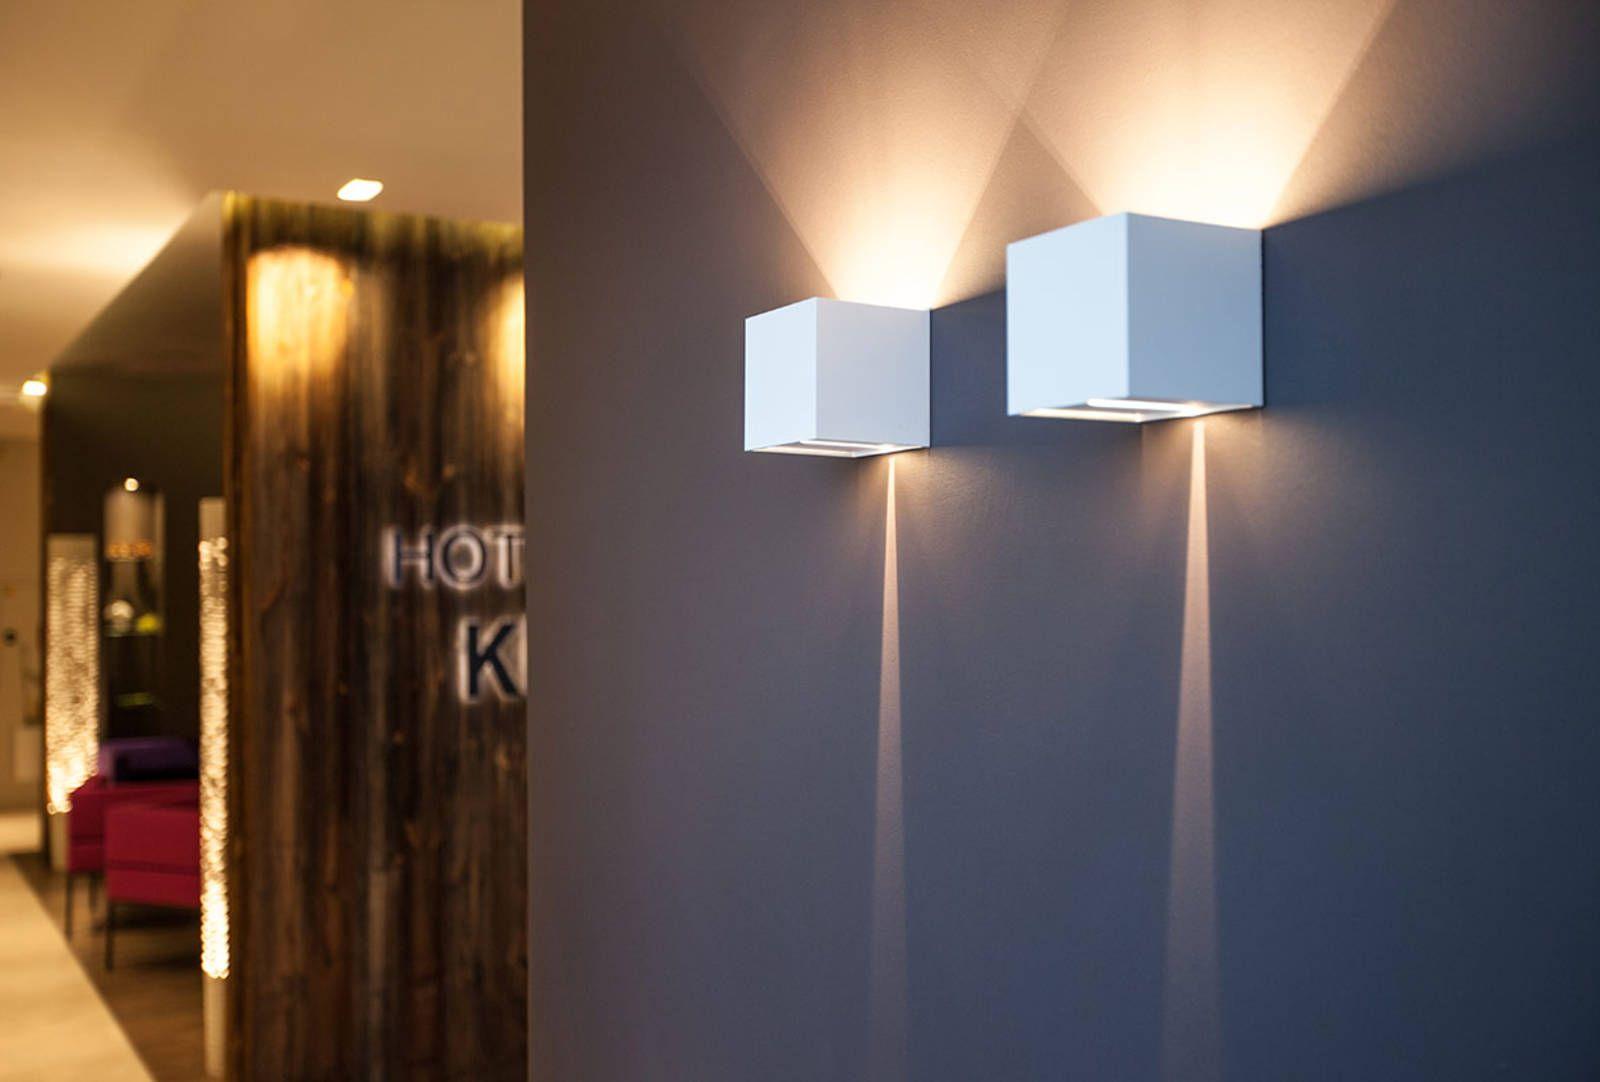 Wandlampe Wohnzimmer ~ Wandleuchte led verstellbar wohnraum wohnzimmer wall light